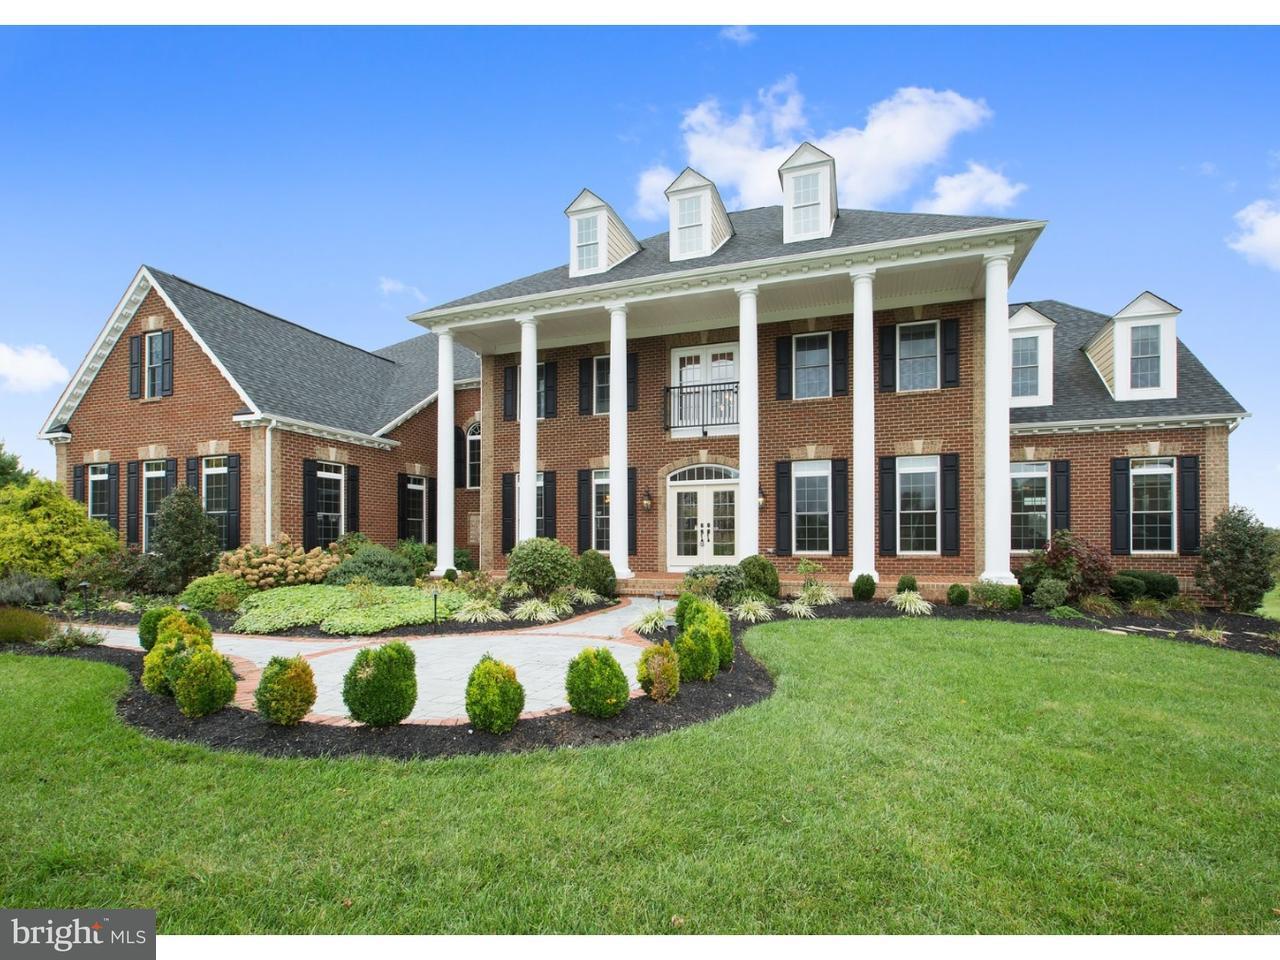 Частный односемейный дом для того Продажа на 110 HIDDEN POND Drive Chadds Ford, Пенсильвания 19317 Соединенные Штаты